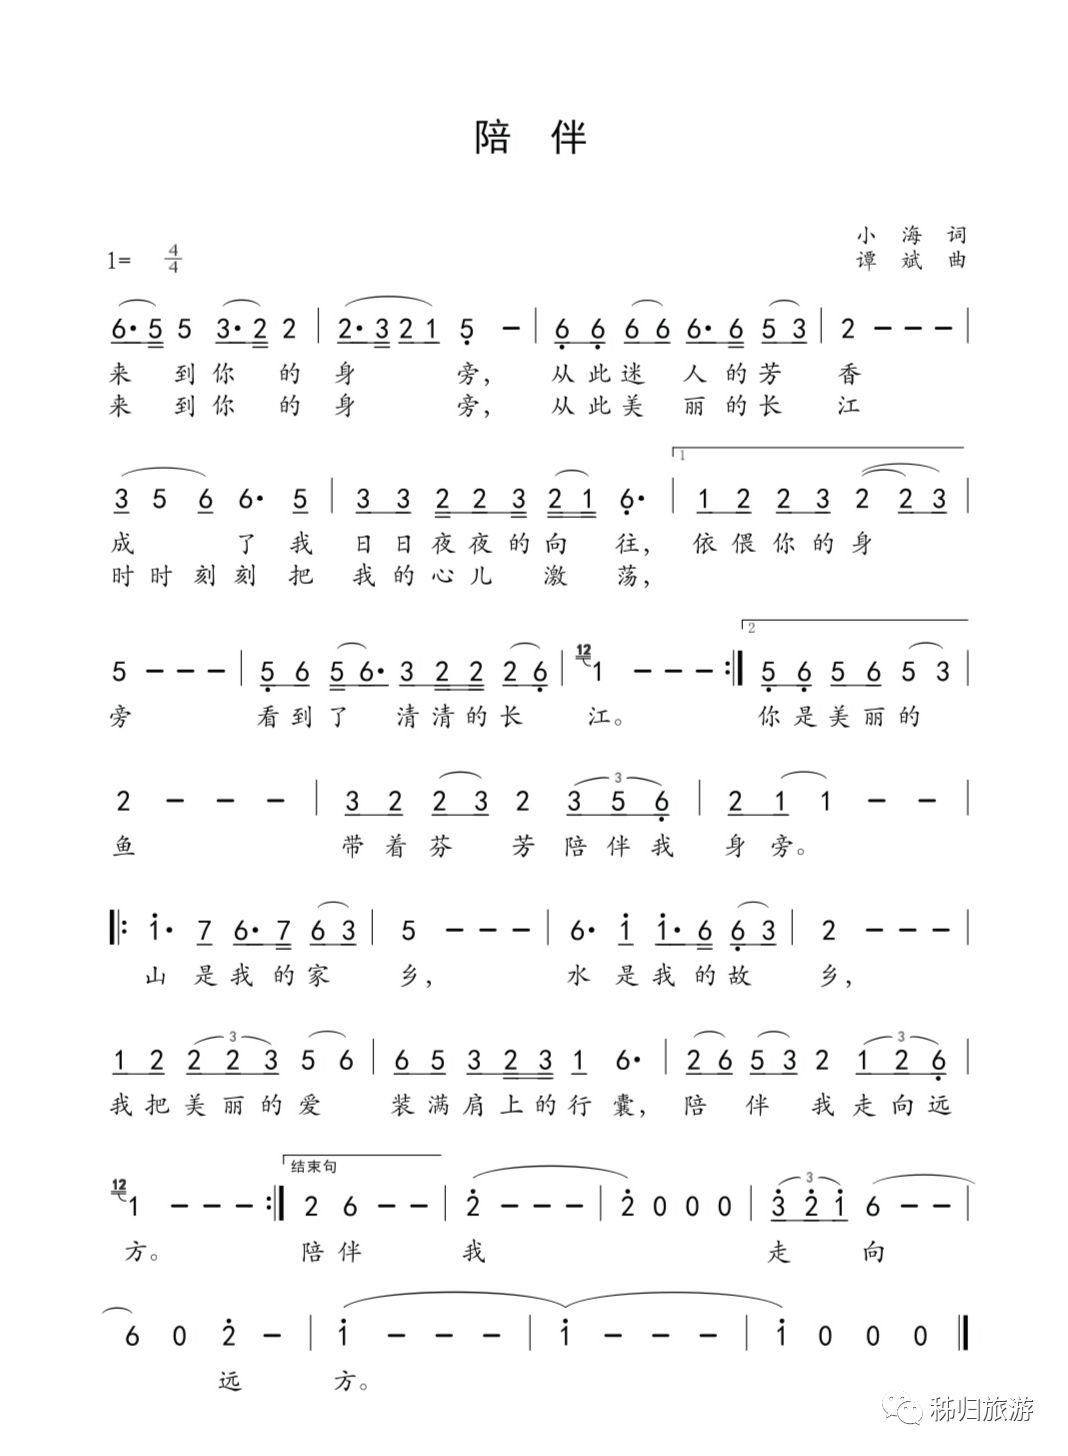 歌曲相伴曲谱_相伴一生曲谱